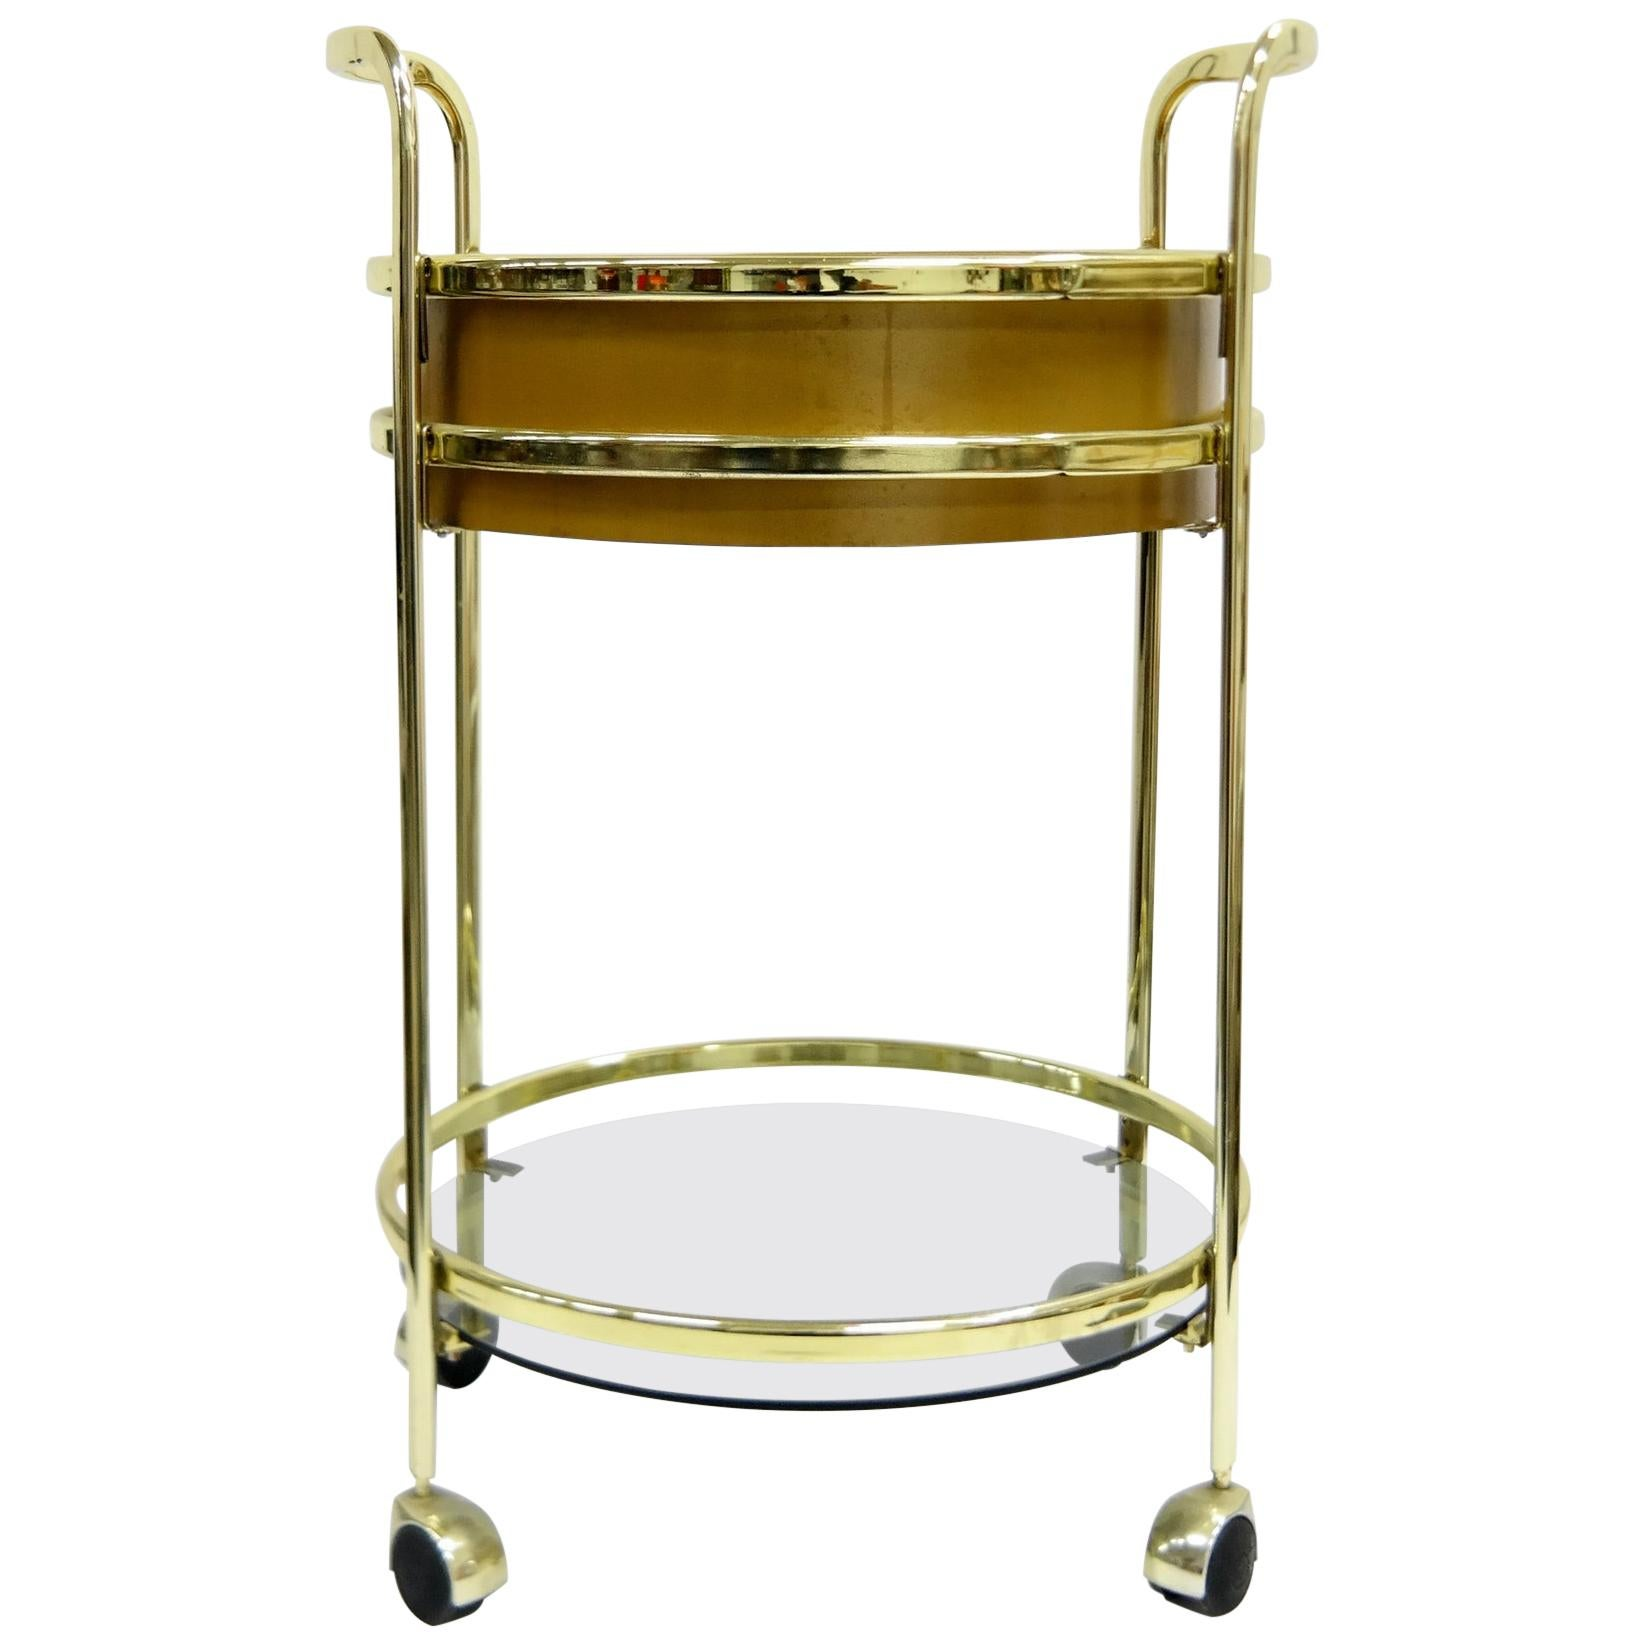 Glass and Brass Bar Cart, 1980s